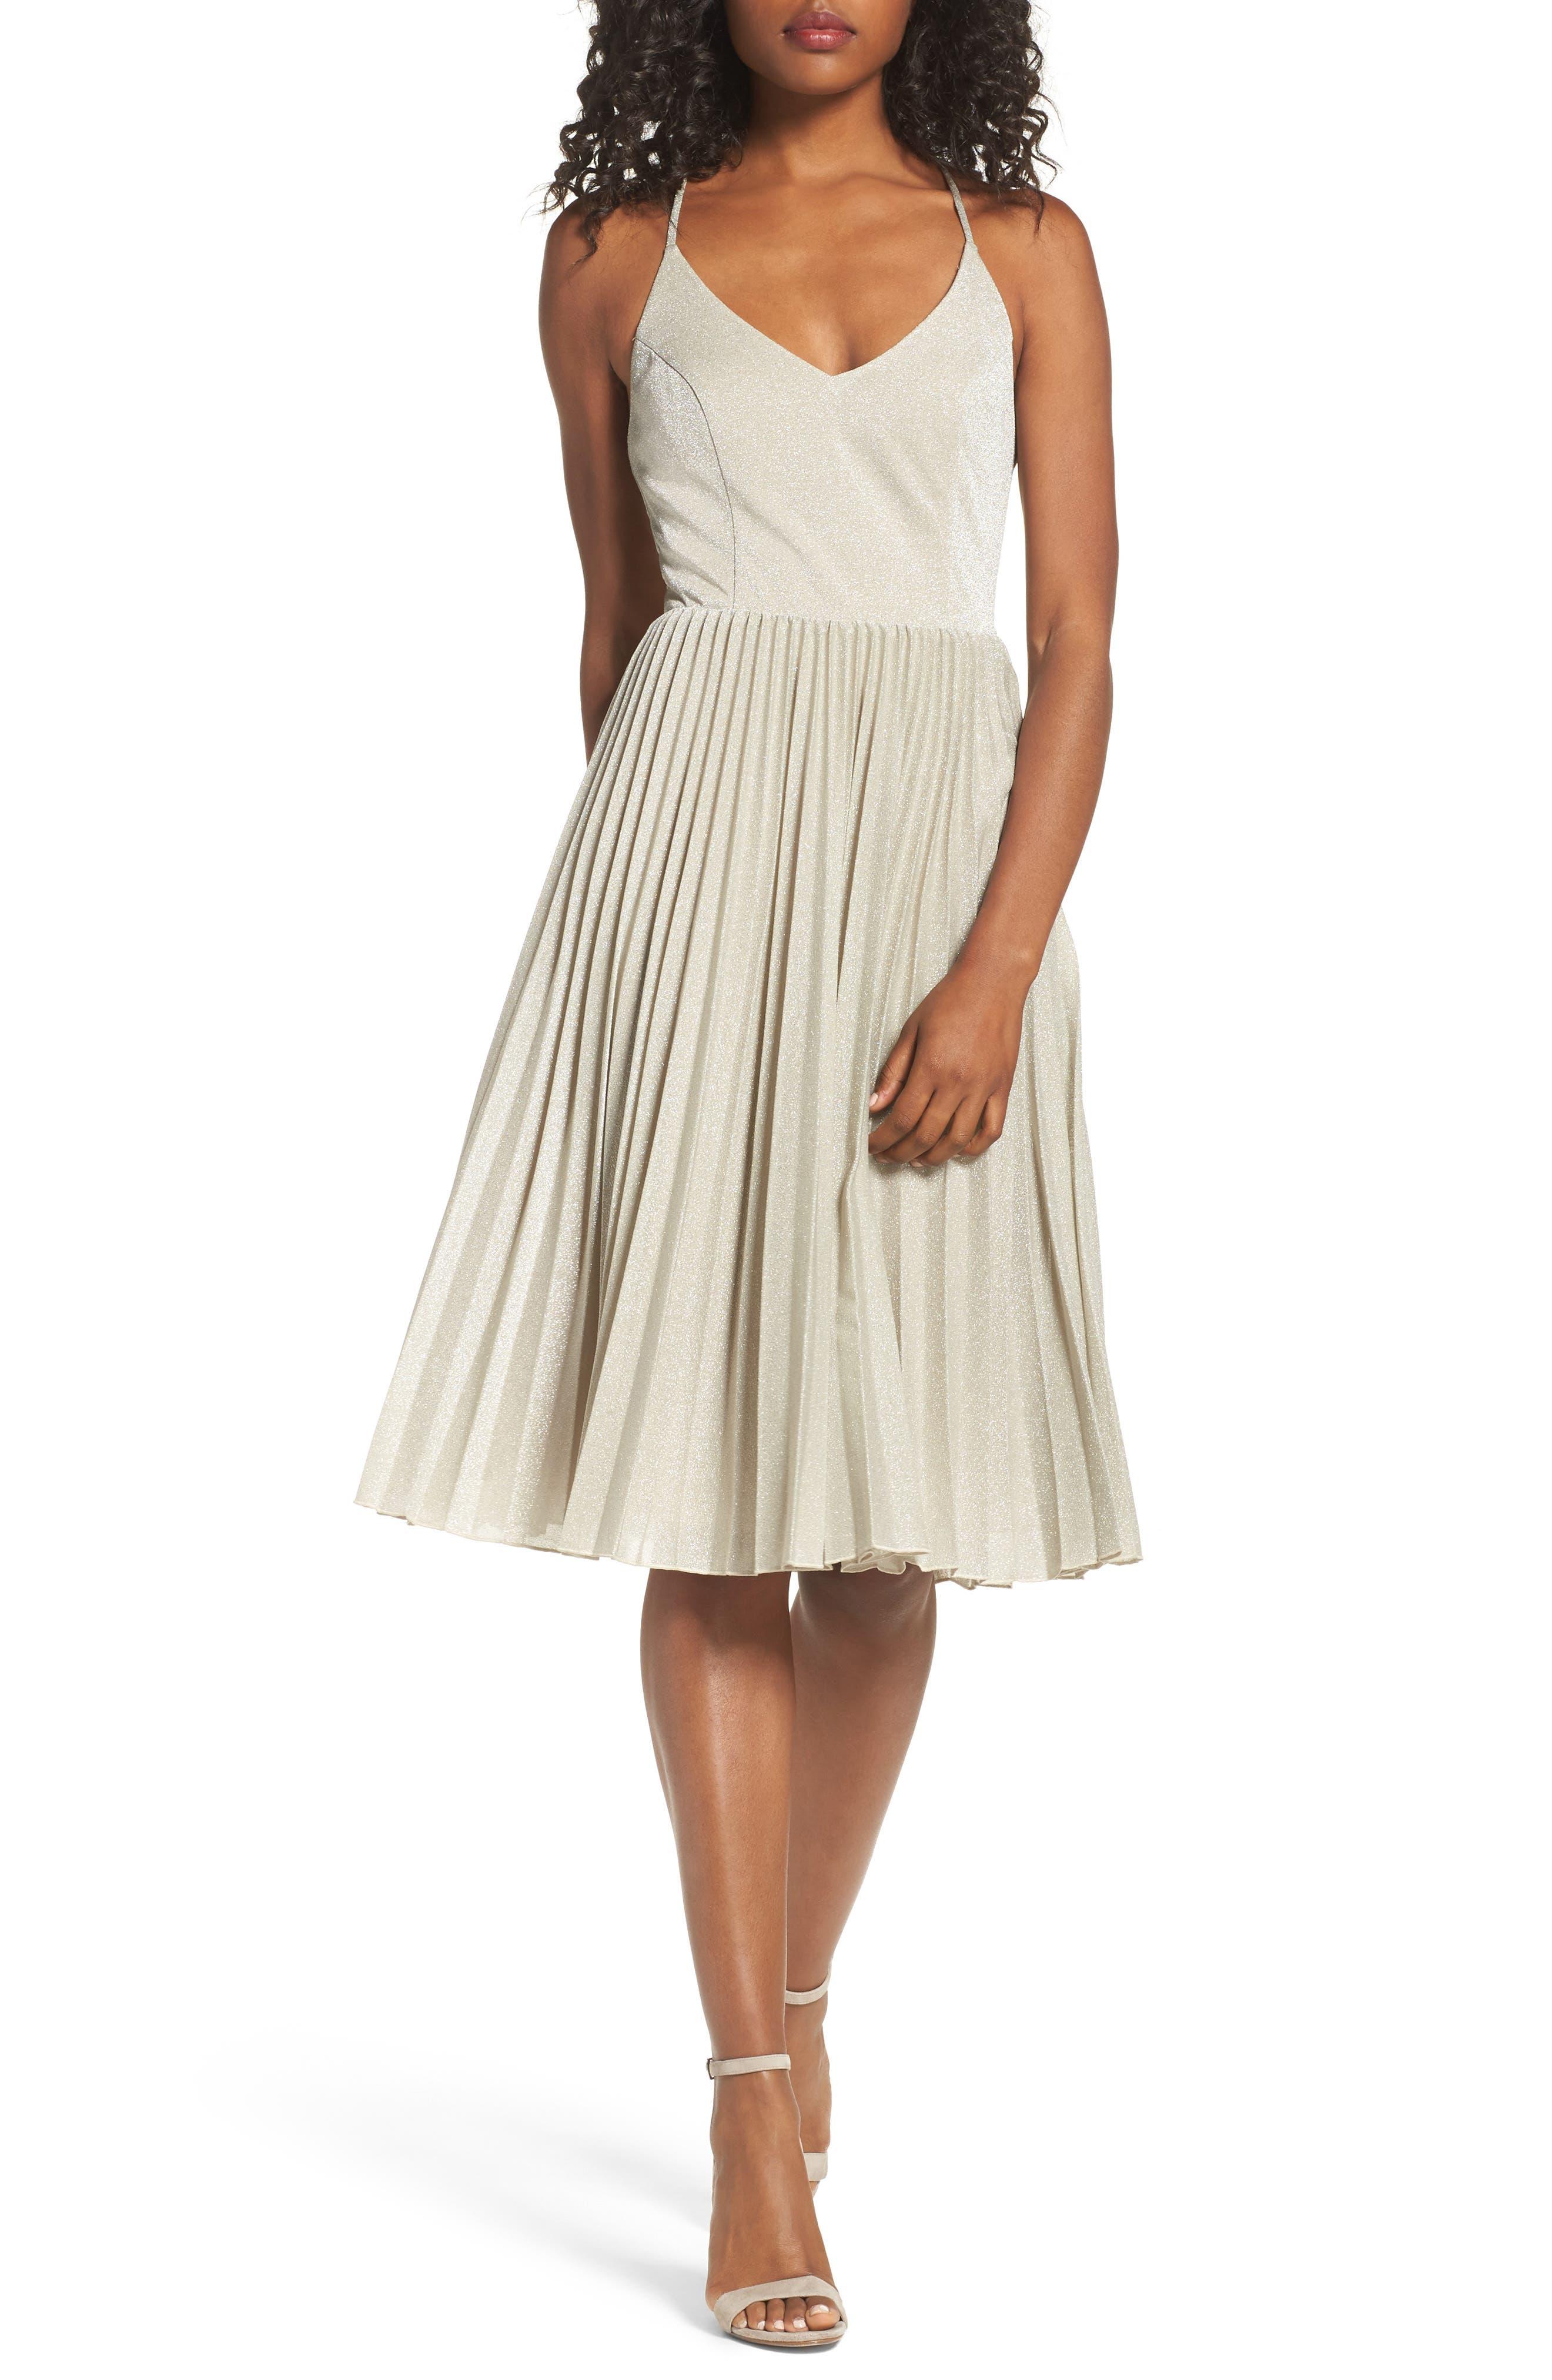 Adelyn Rae Jolene Fit & Flare Dress